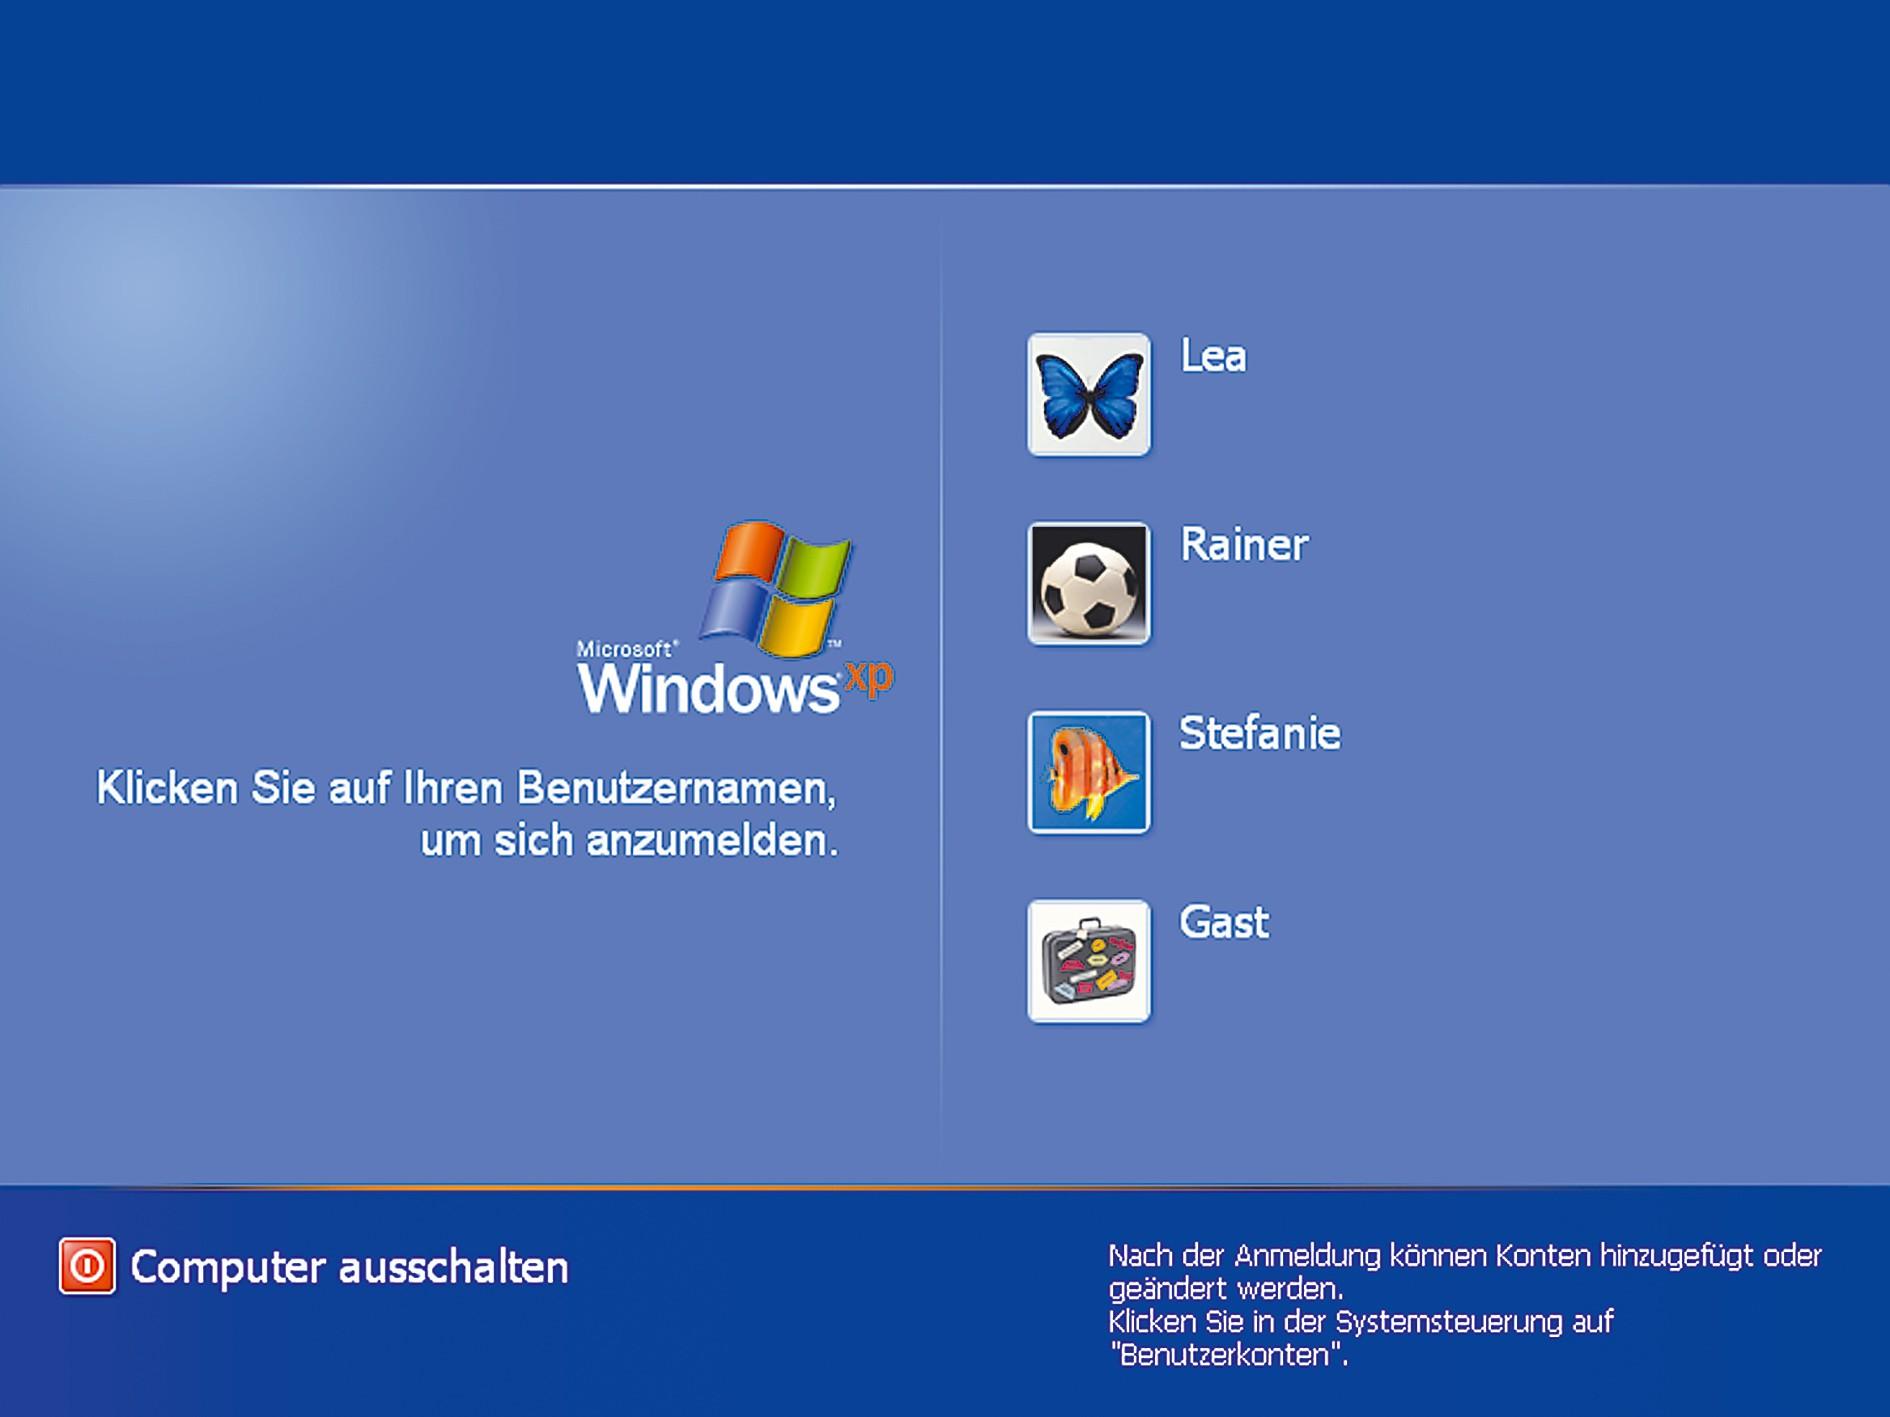 Windows XP 7.9 - Bing images